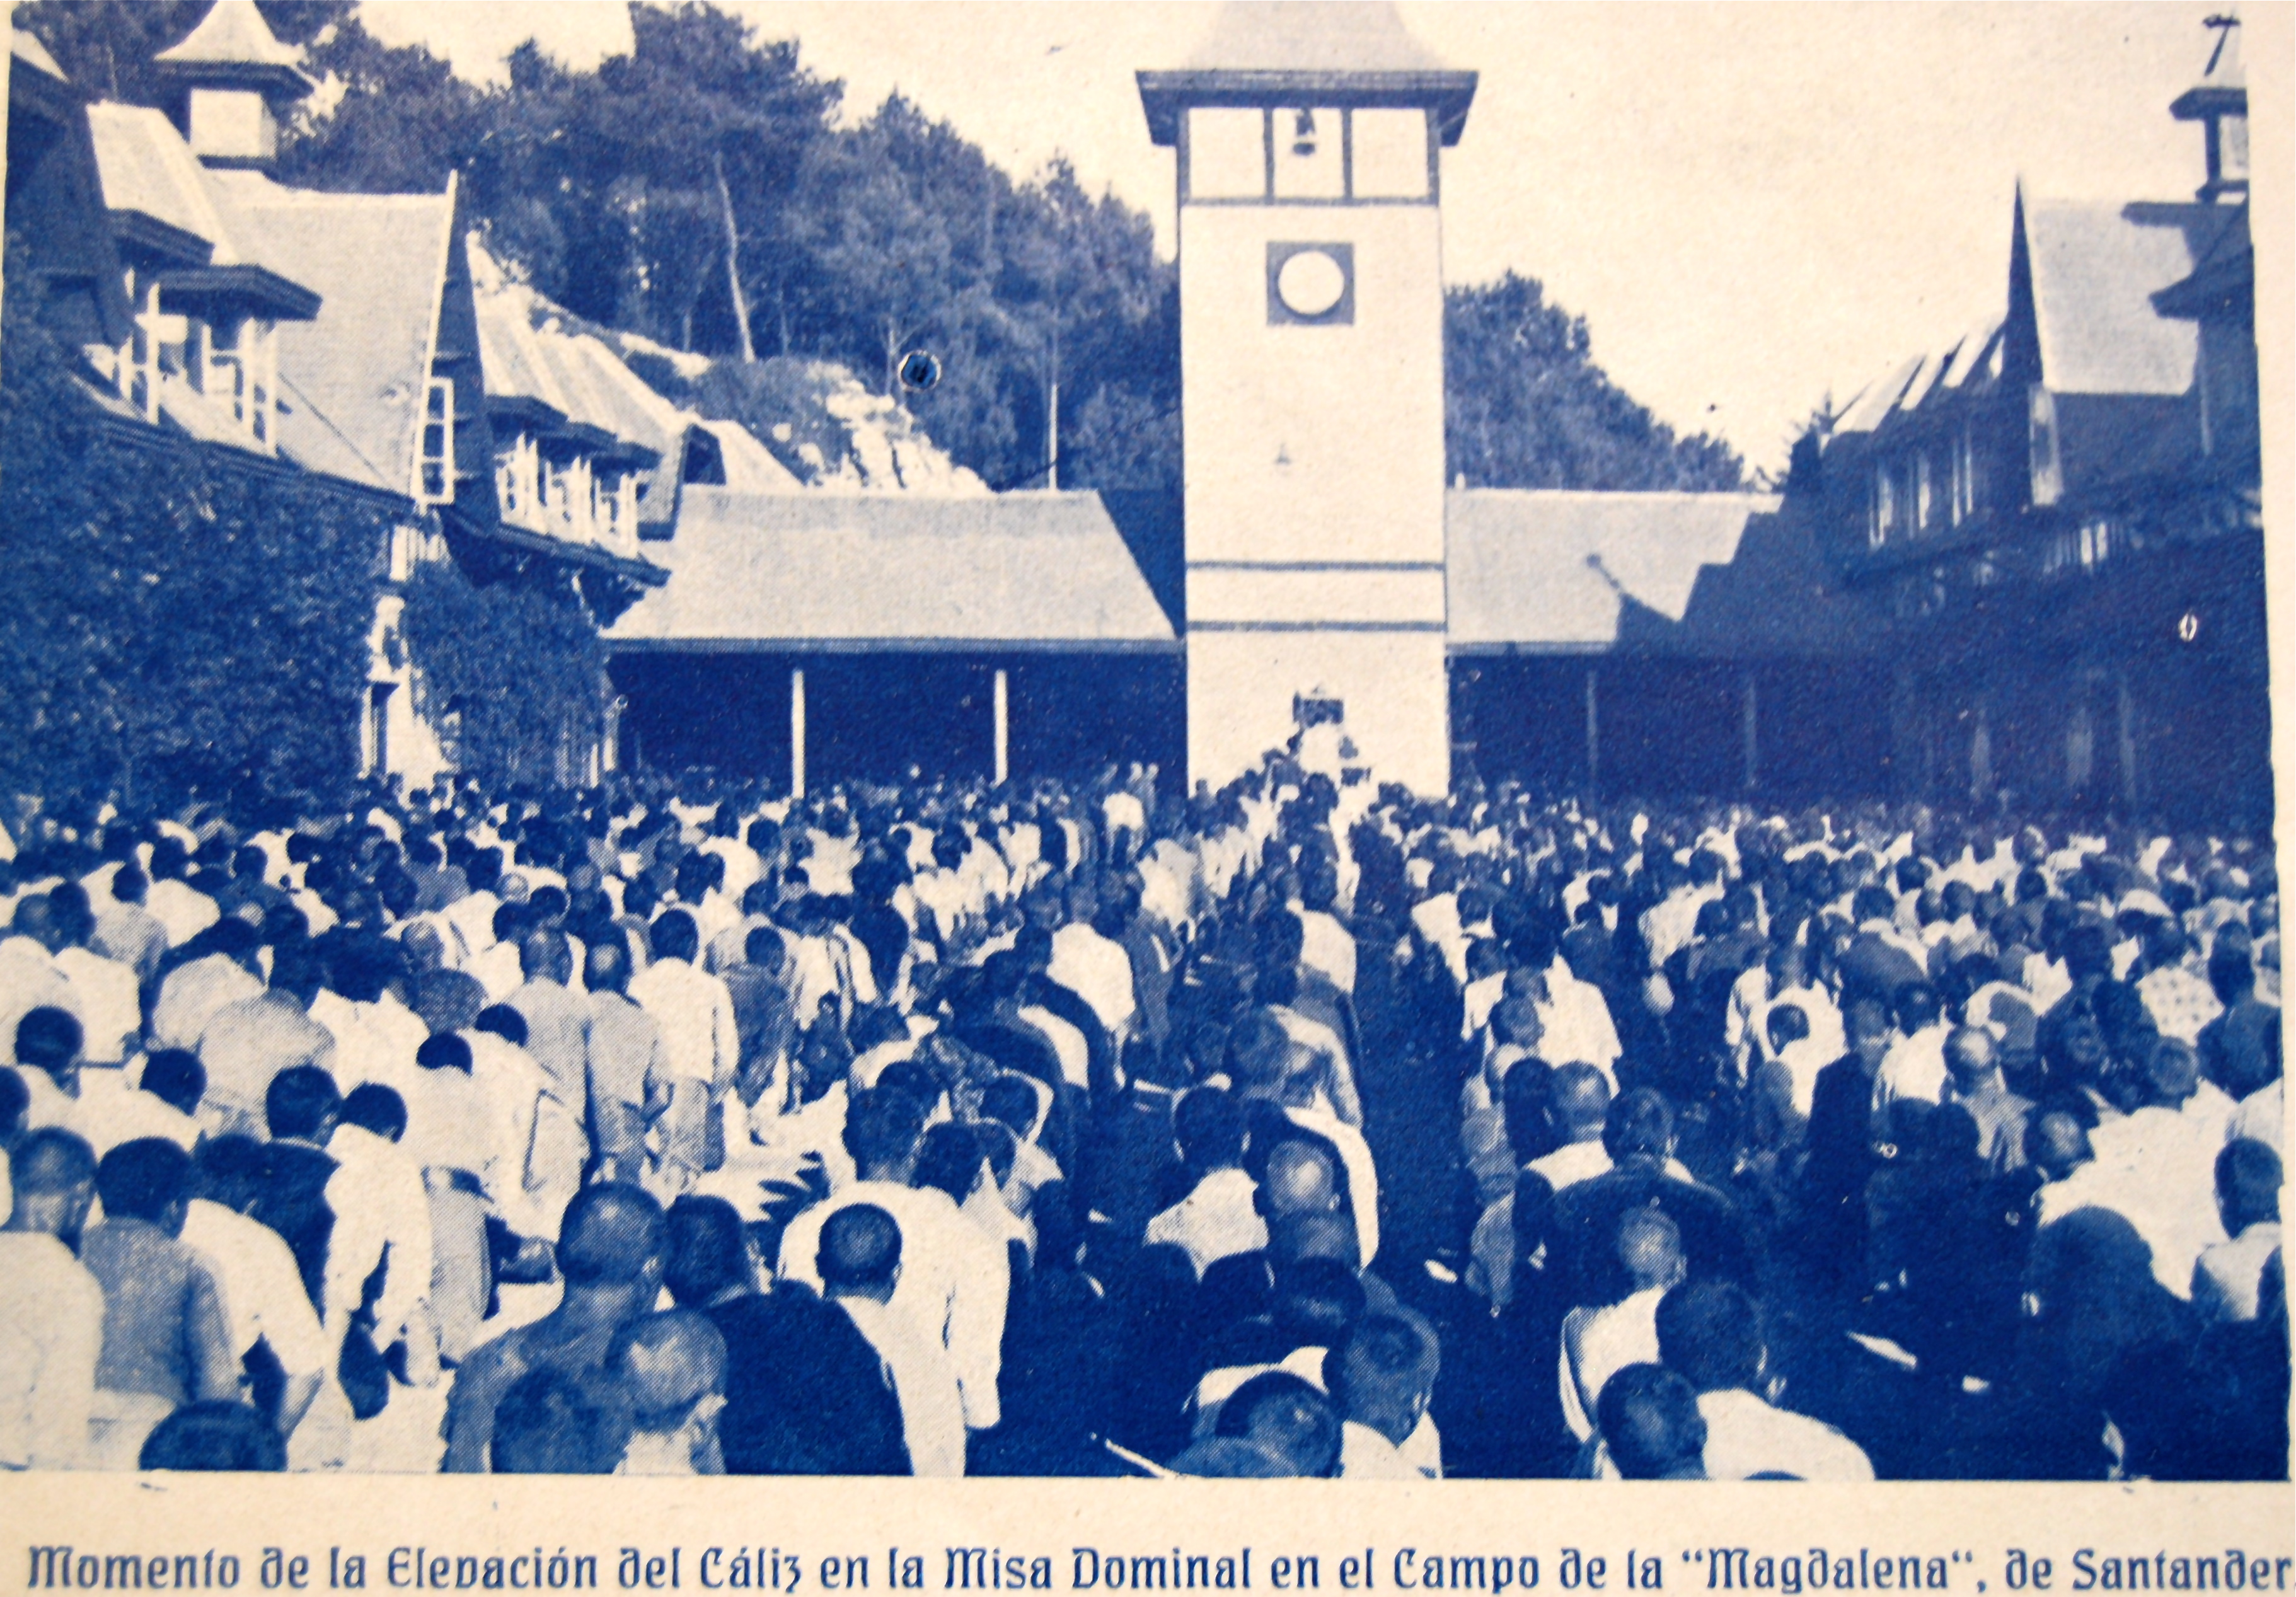 Presos asistiendo a una misa frente a Las Caballerizas